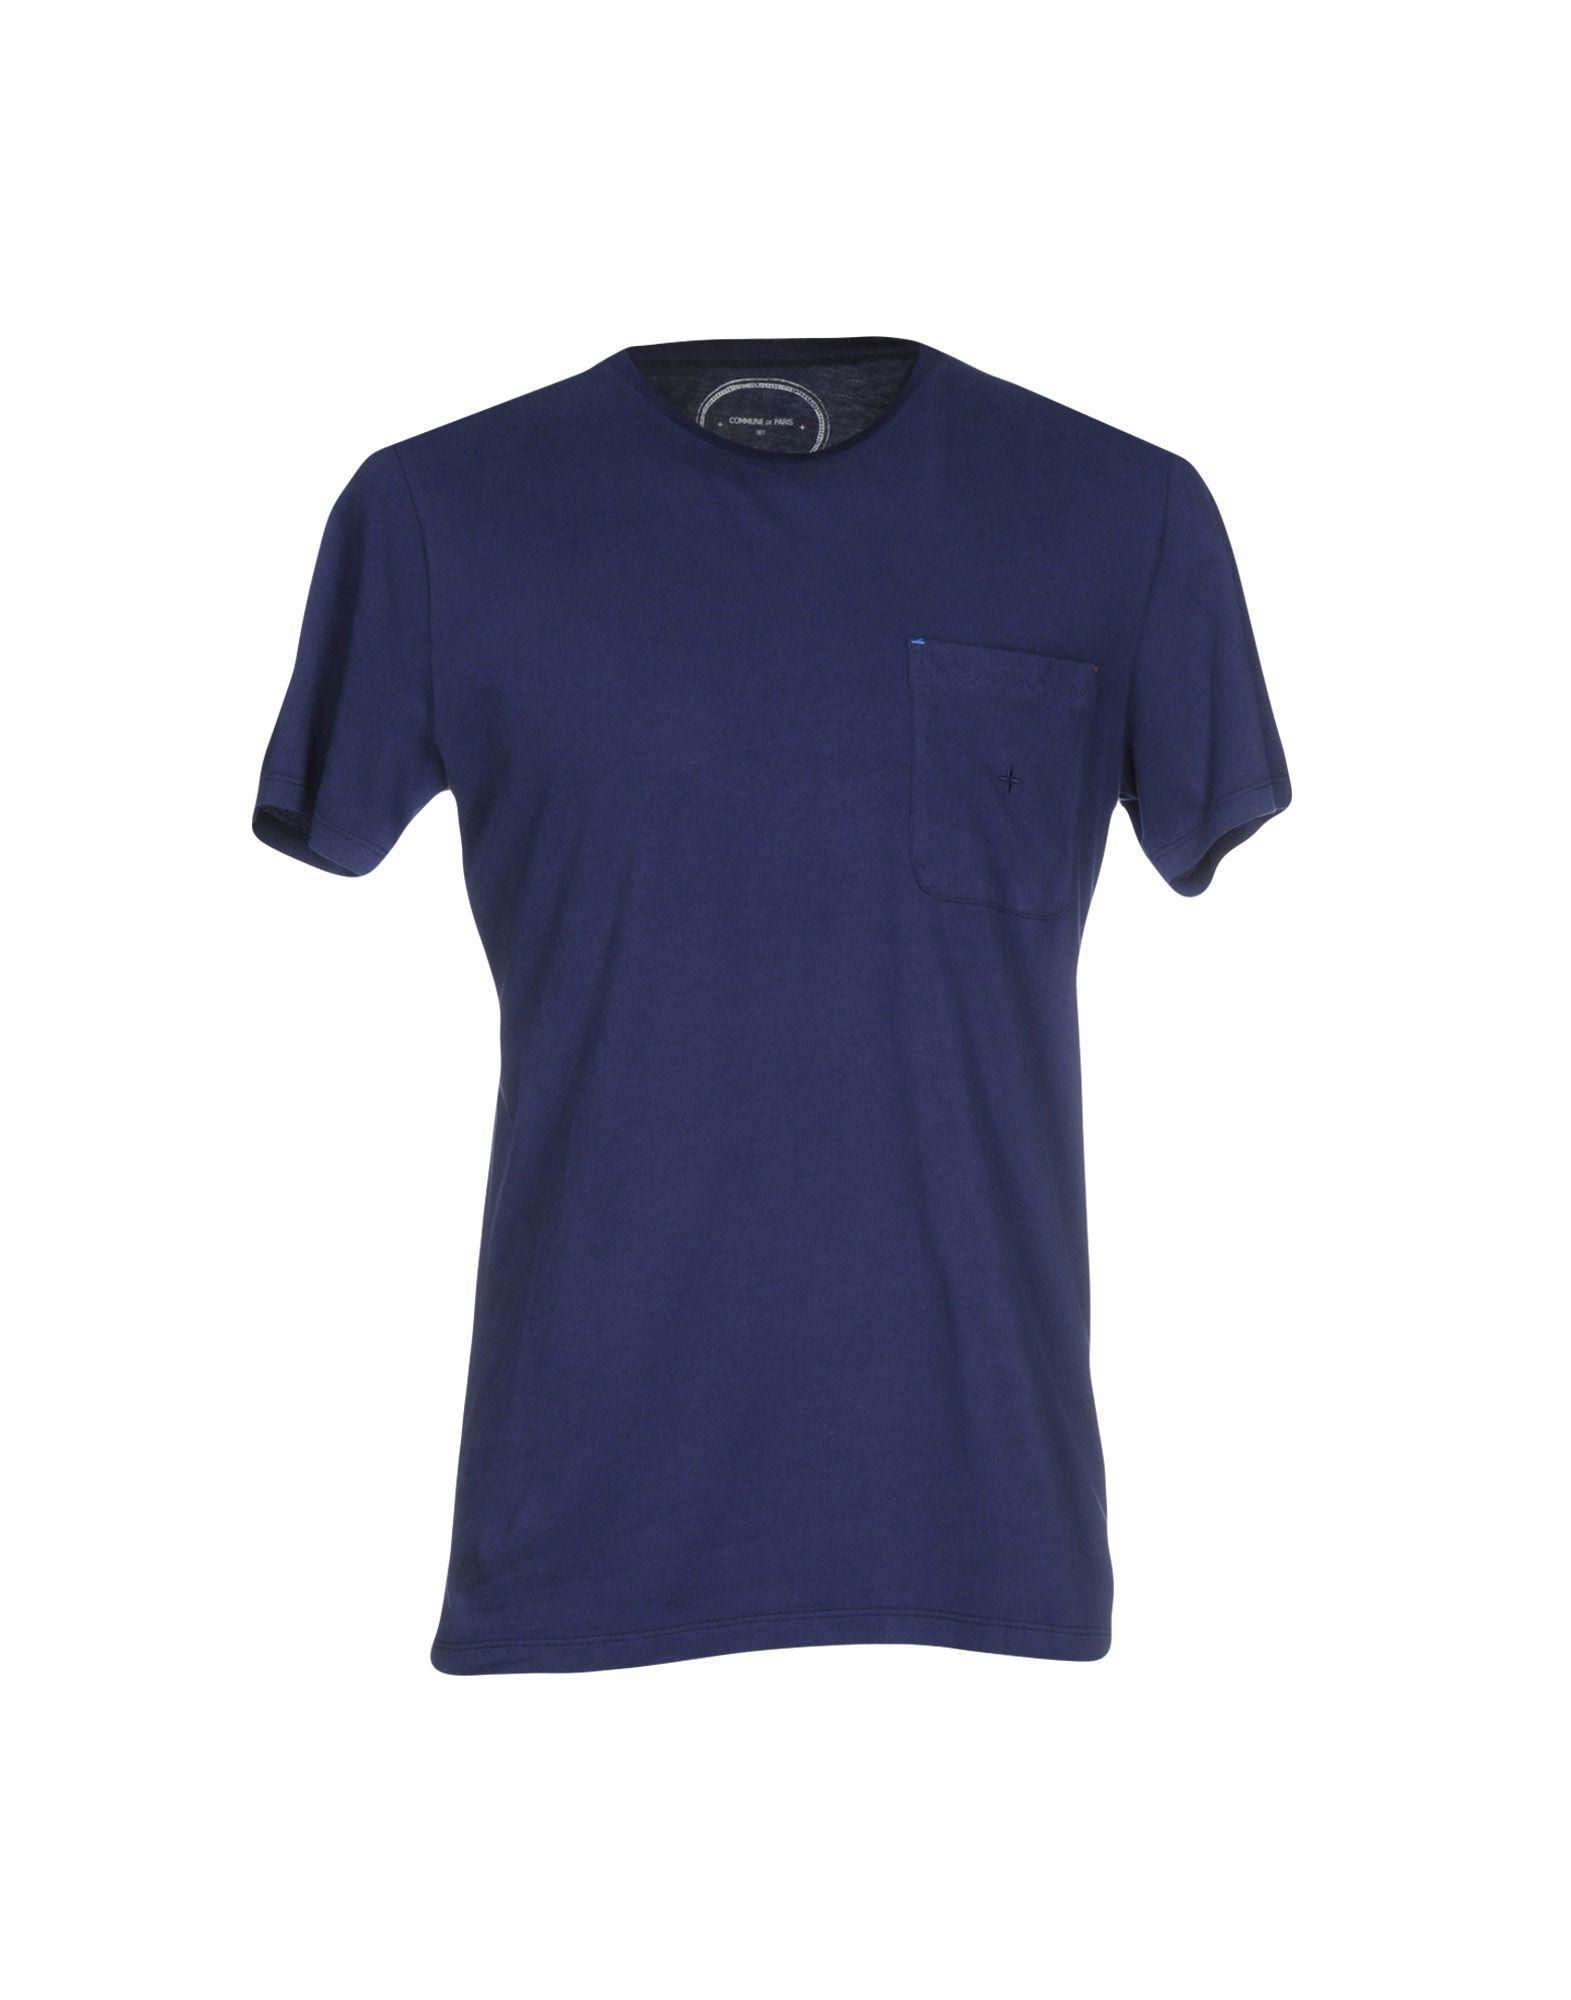 COMMUNE DE PARIS 1871 T-Shirts in Blue